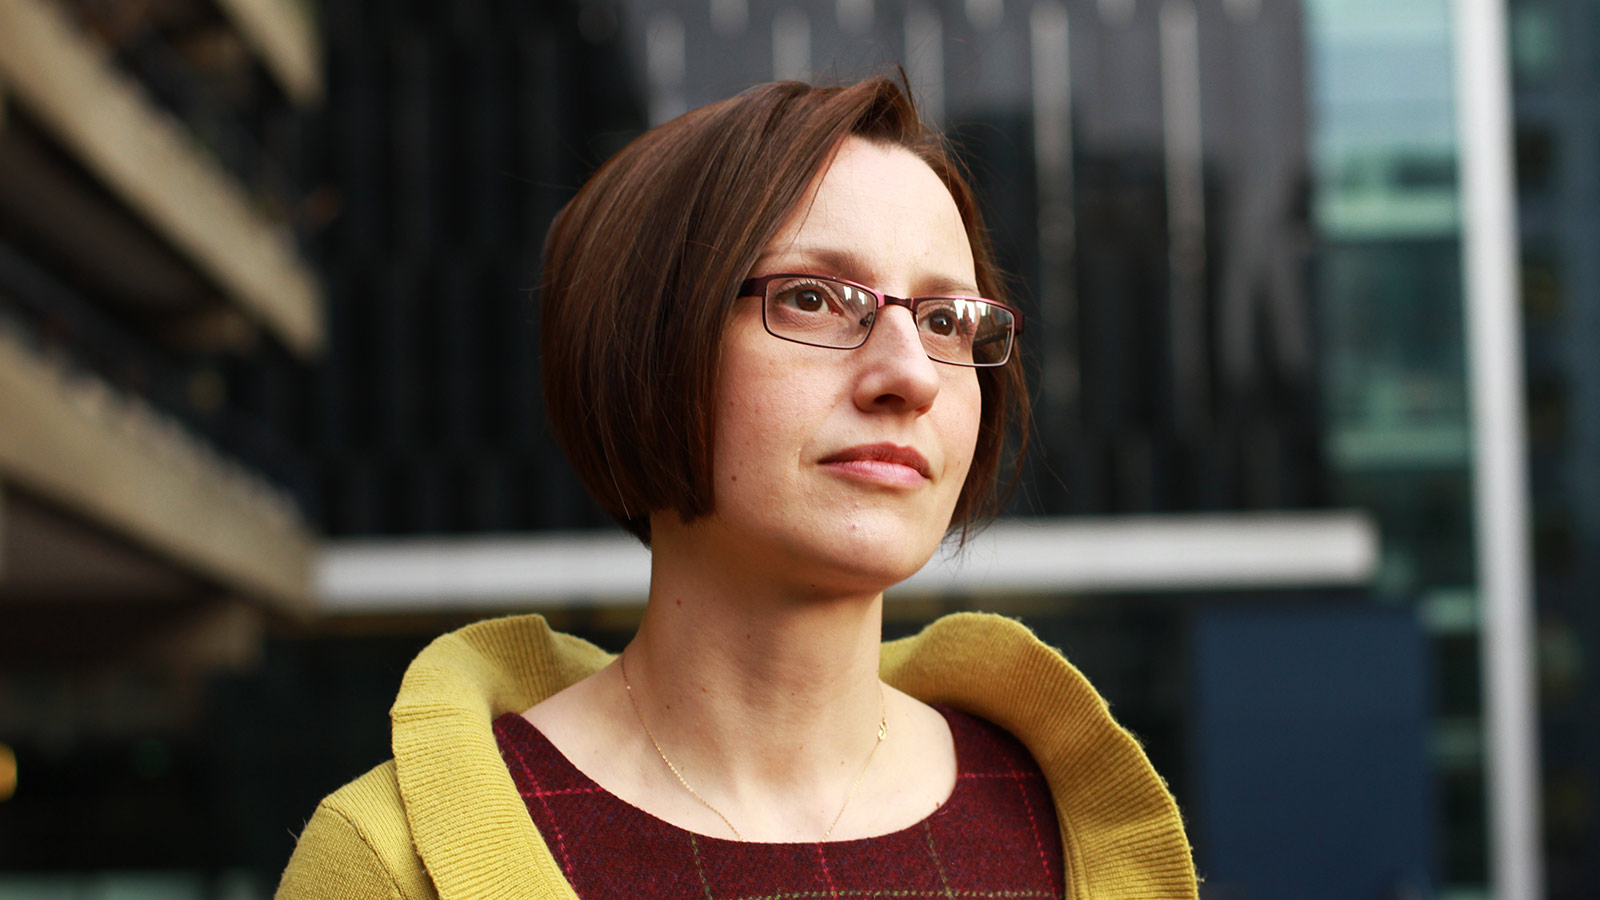 Angeliki Vlachogianni, Senior Quality Manager - Mace Group